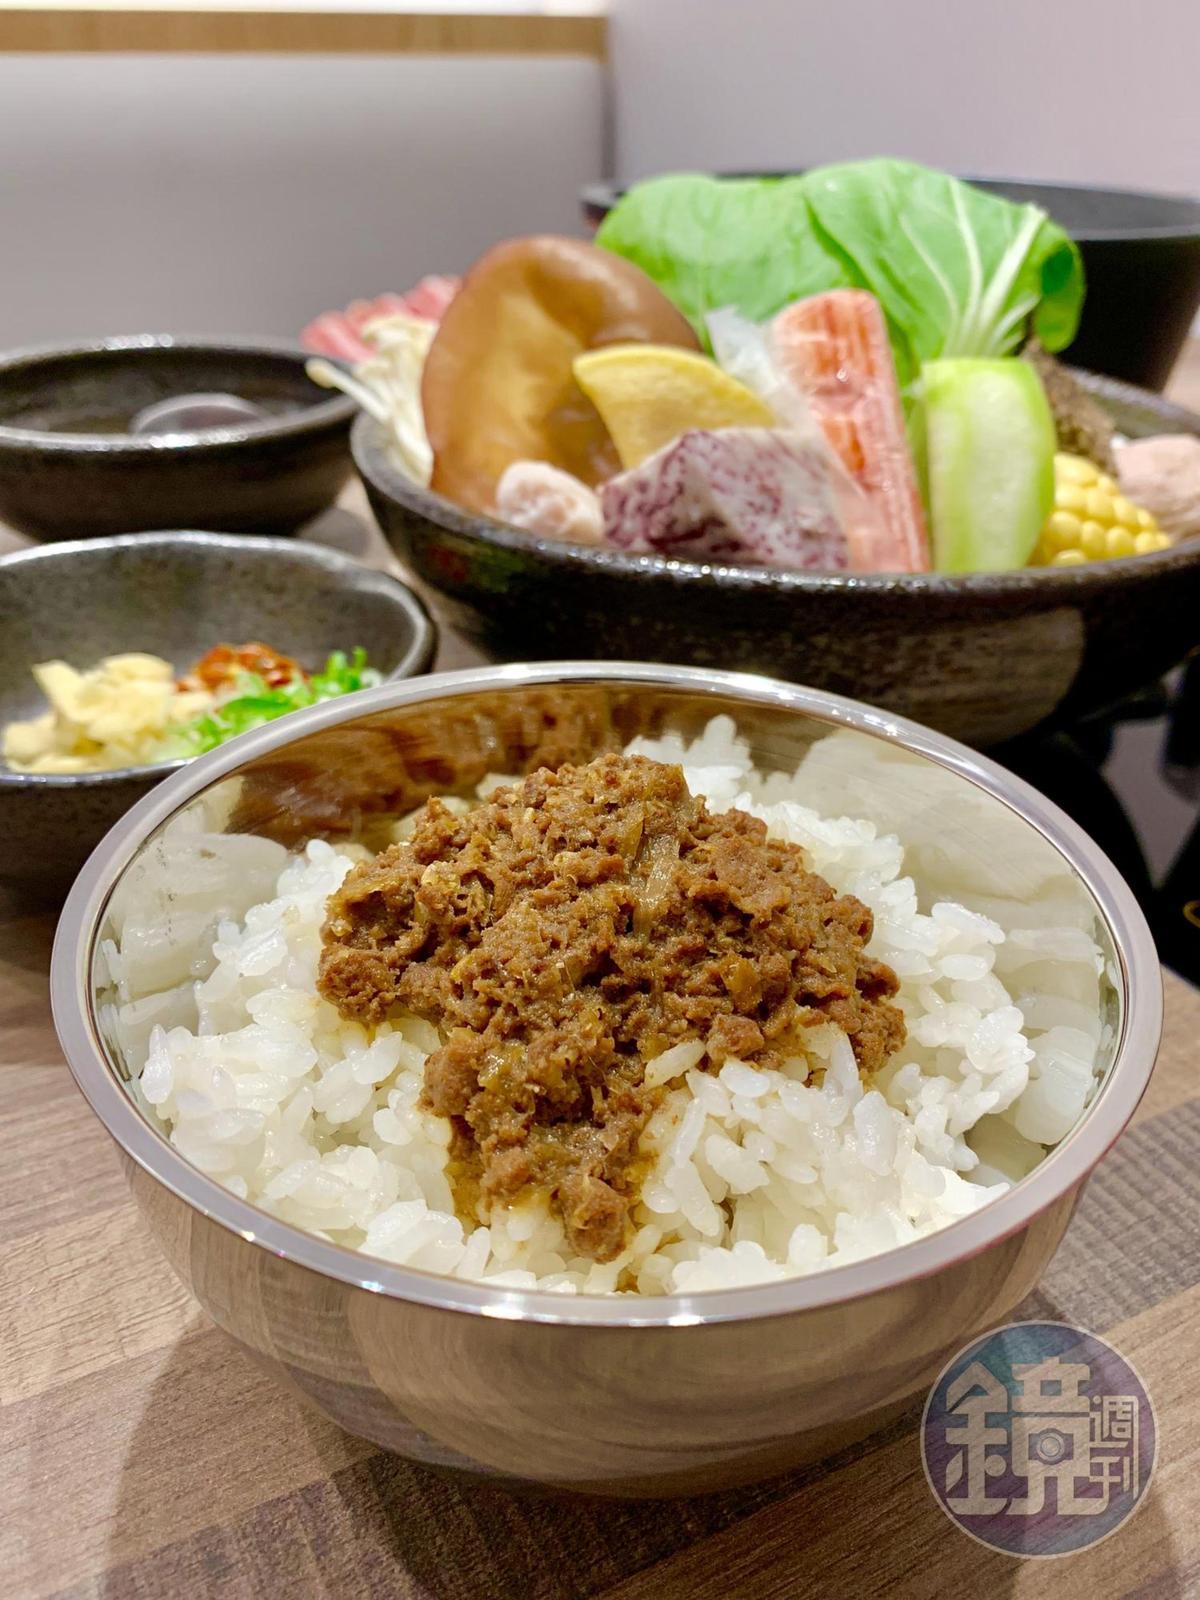 無限量供應的「和牛滷肉飯」,是取和牛邊肉與獨家滷包熬煮而成,滋味鹹香油潤。